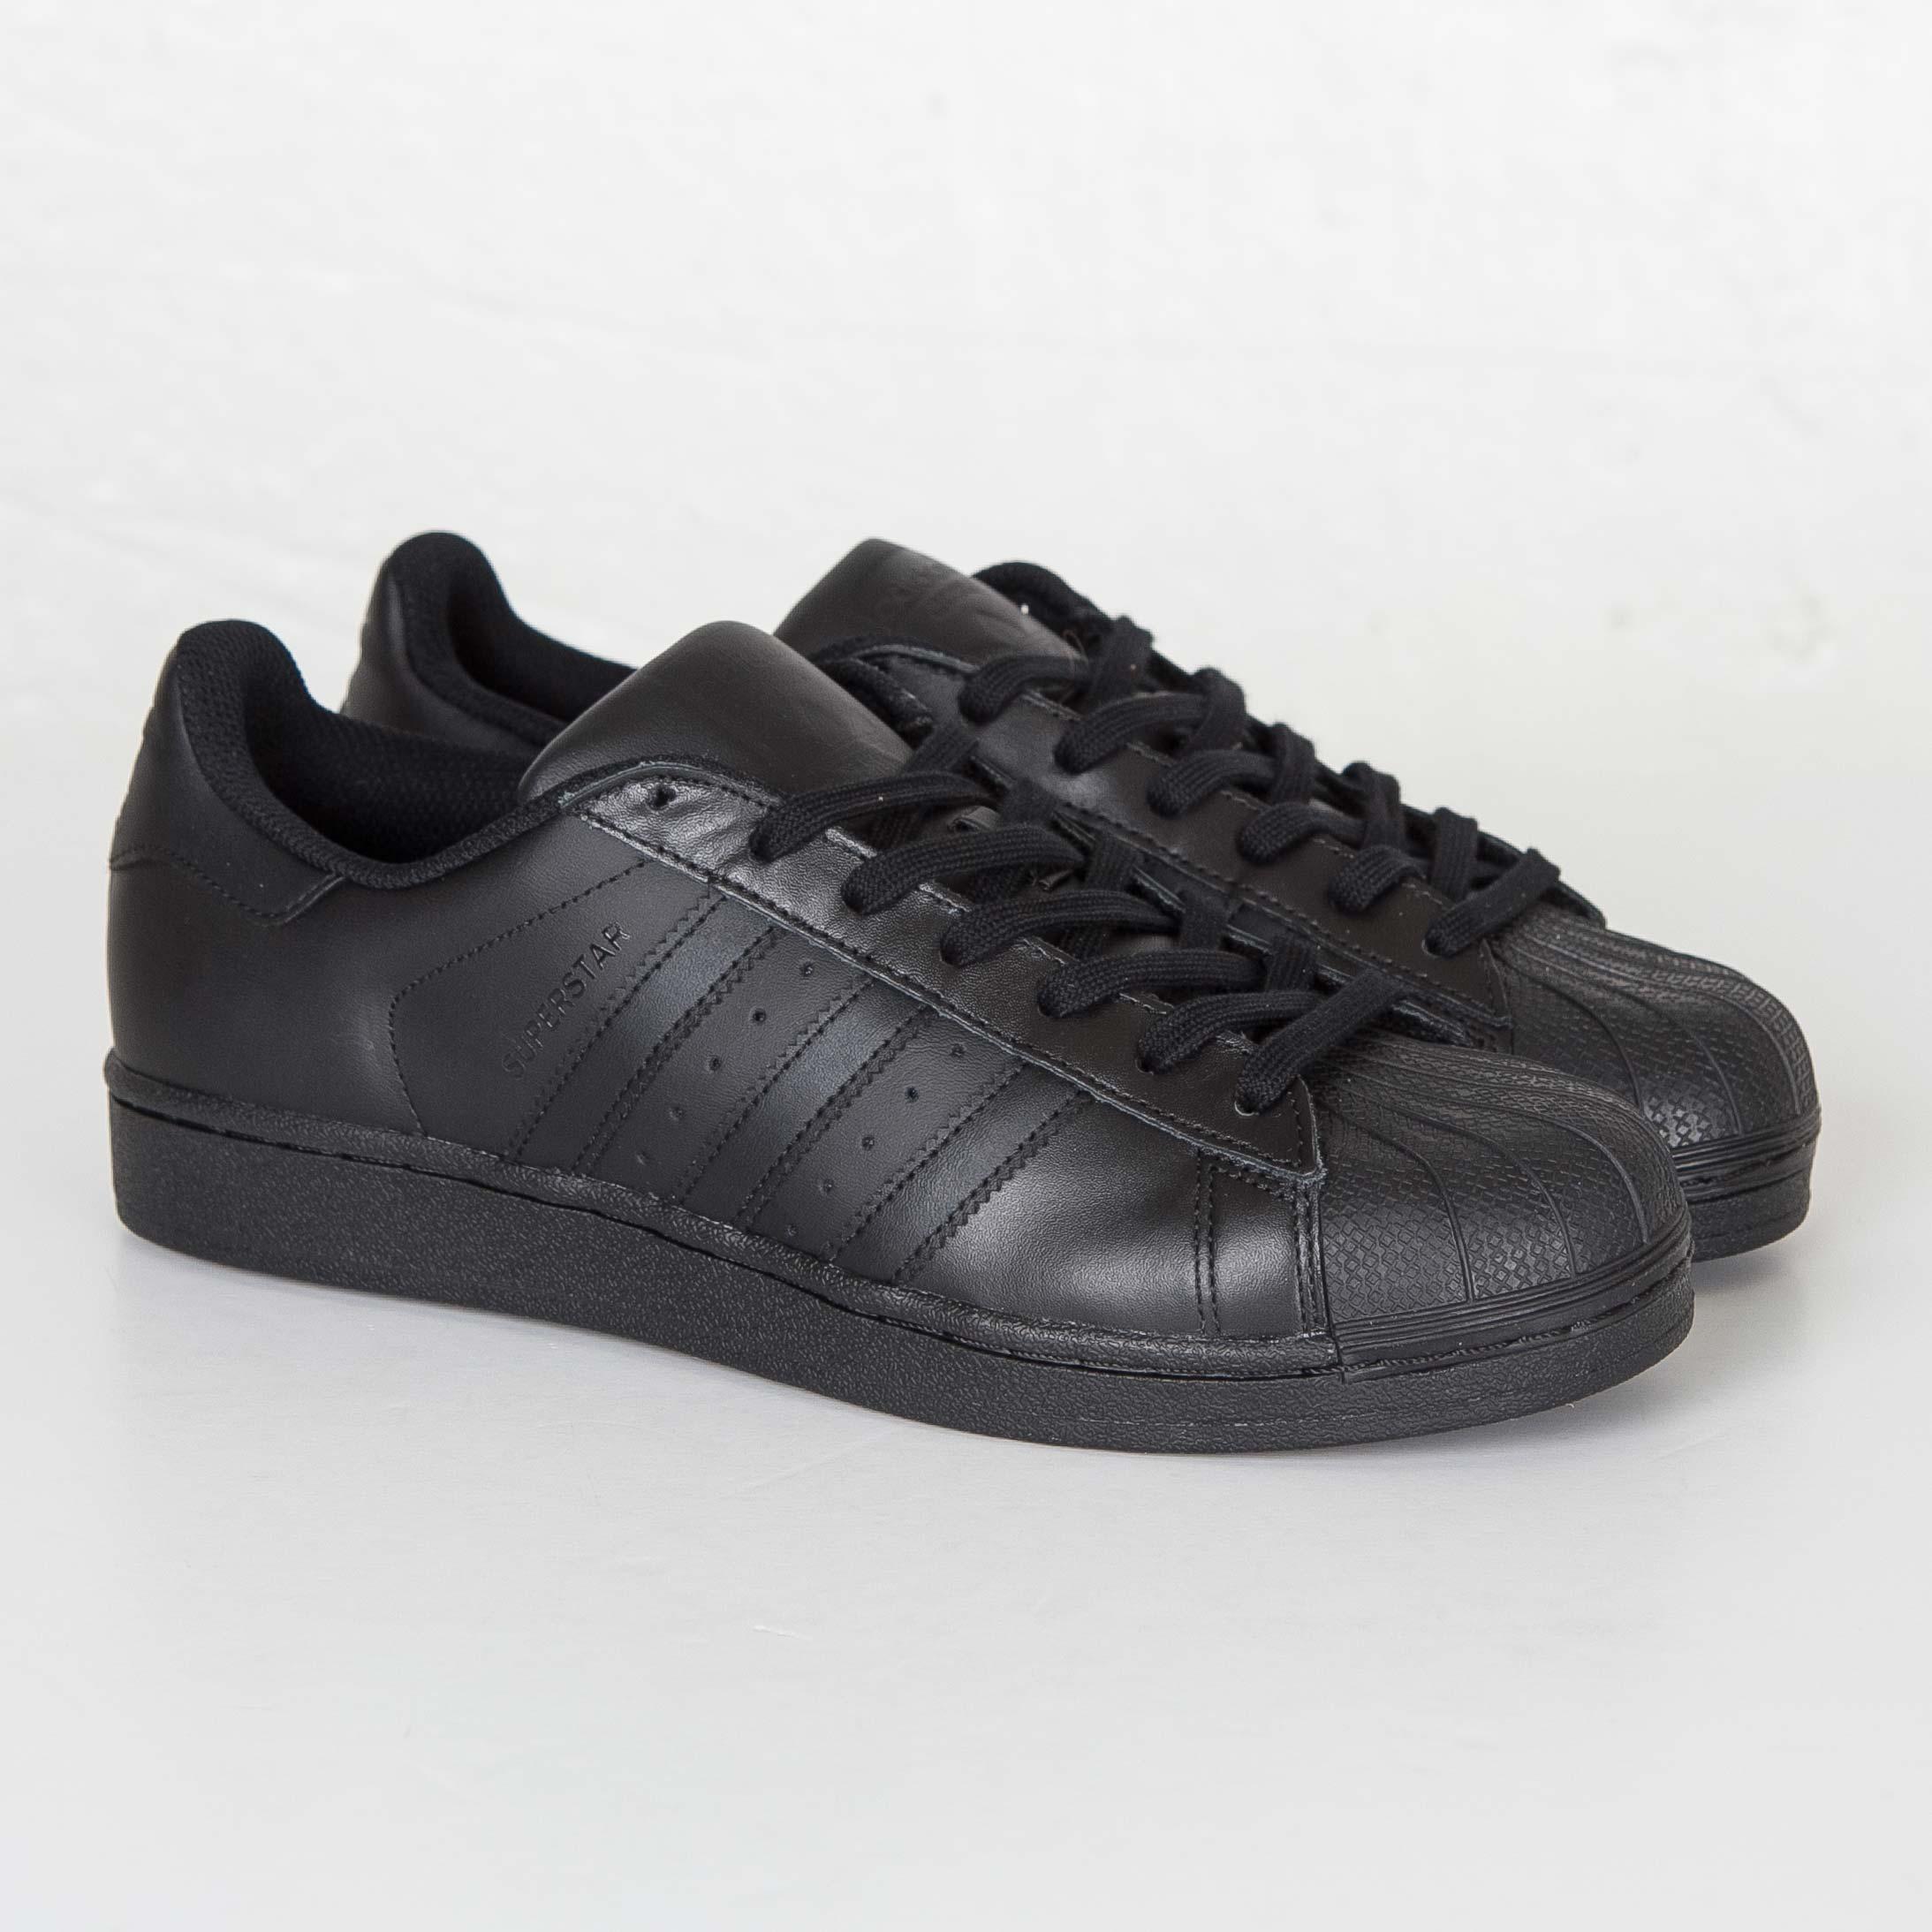 adidas Superstar Foundation Af5666 Sneakersnstuff